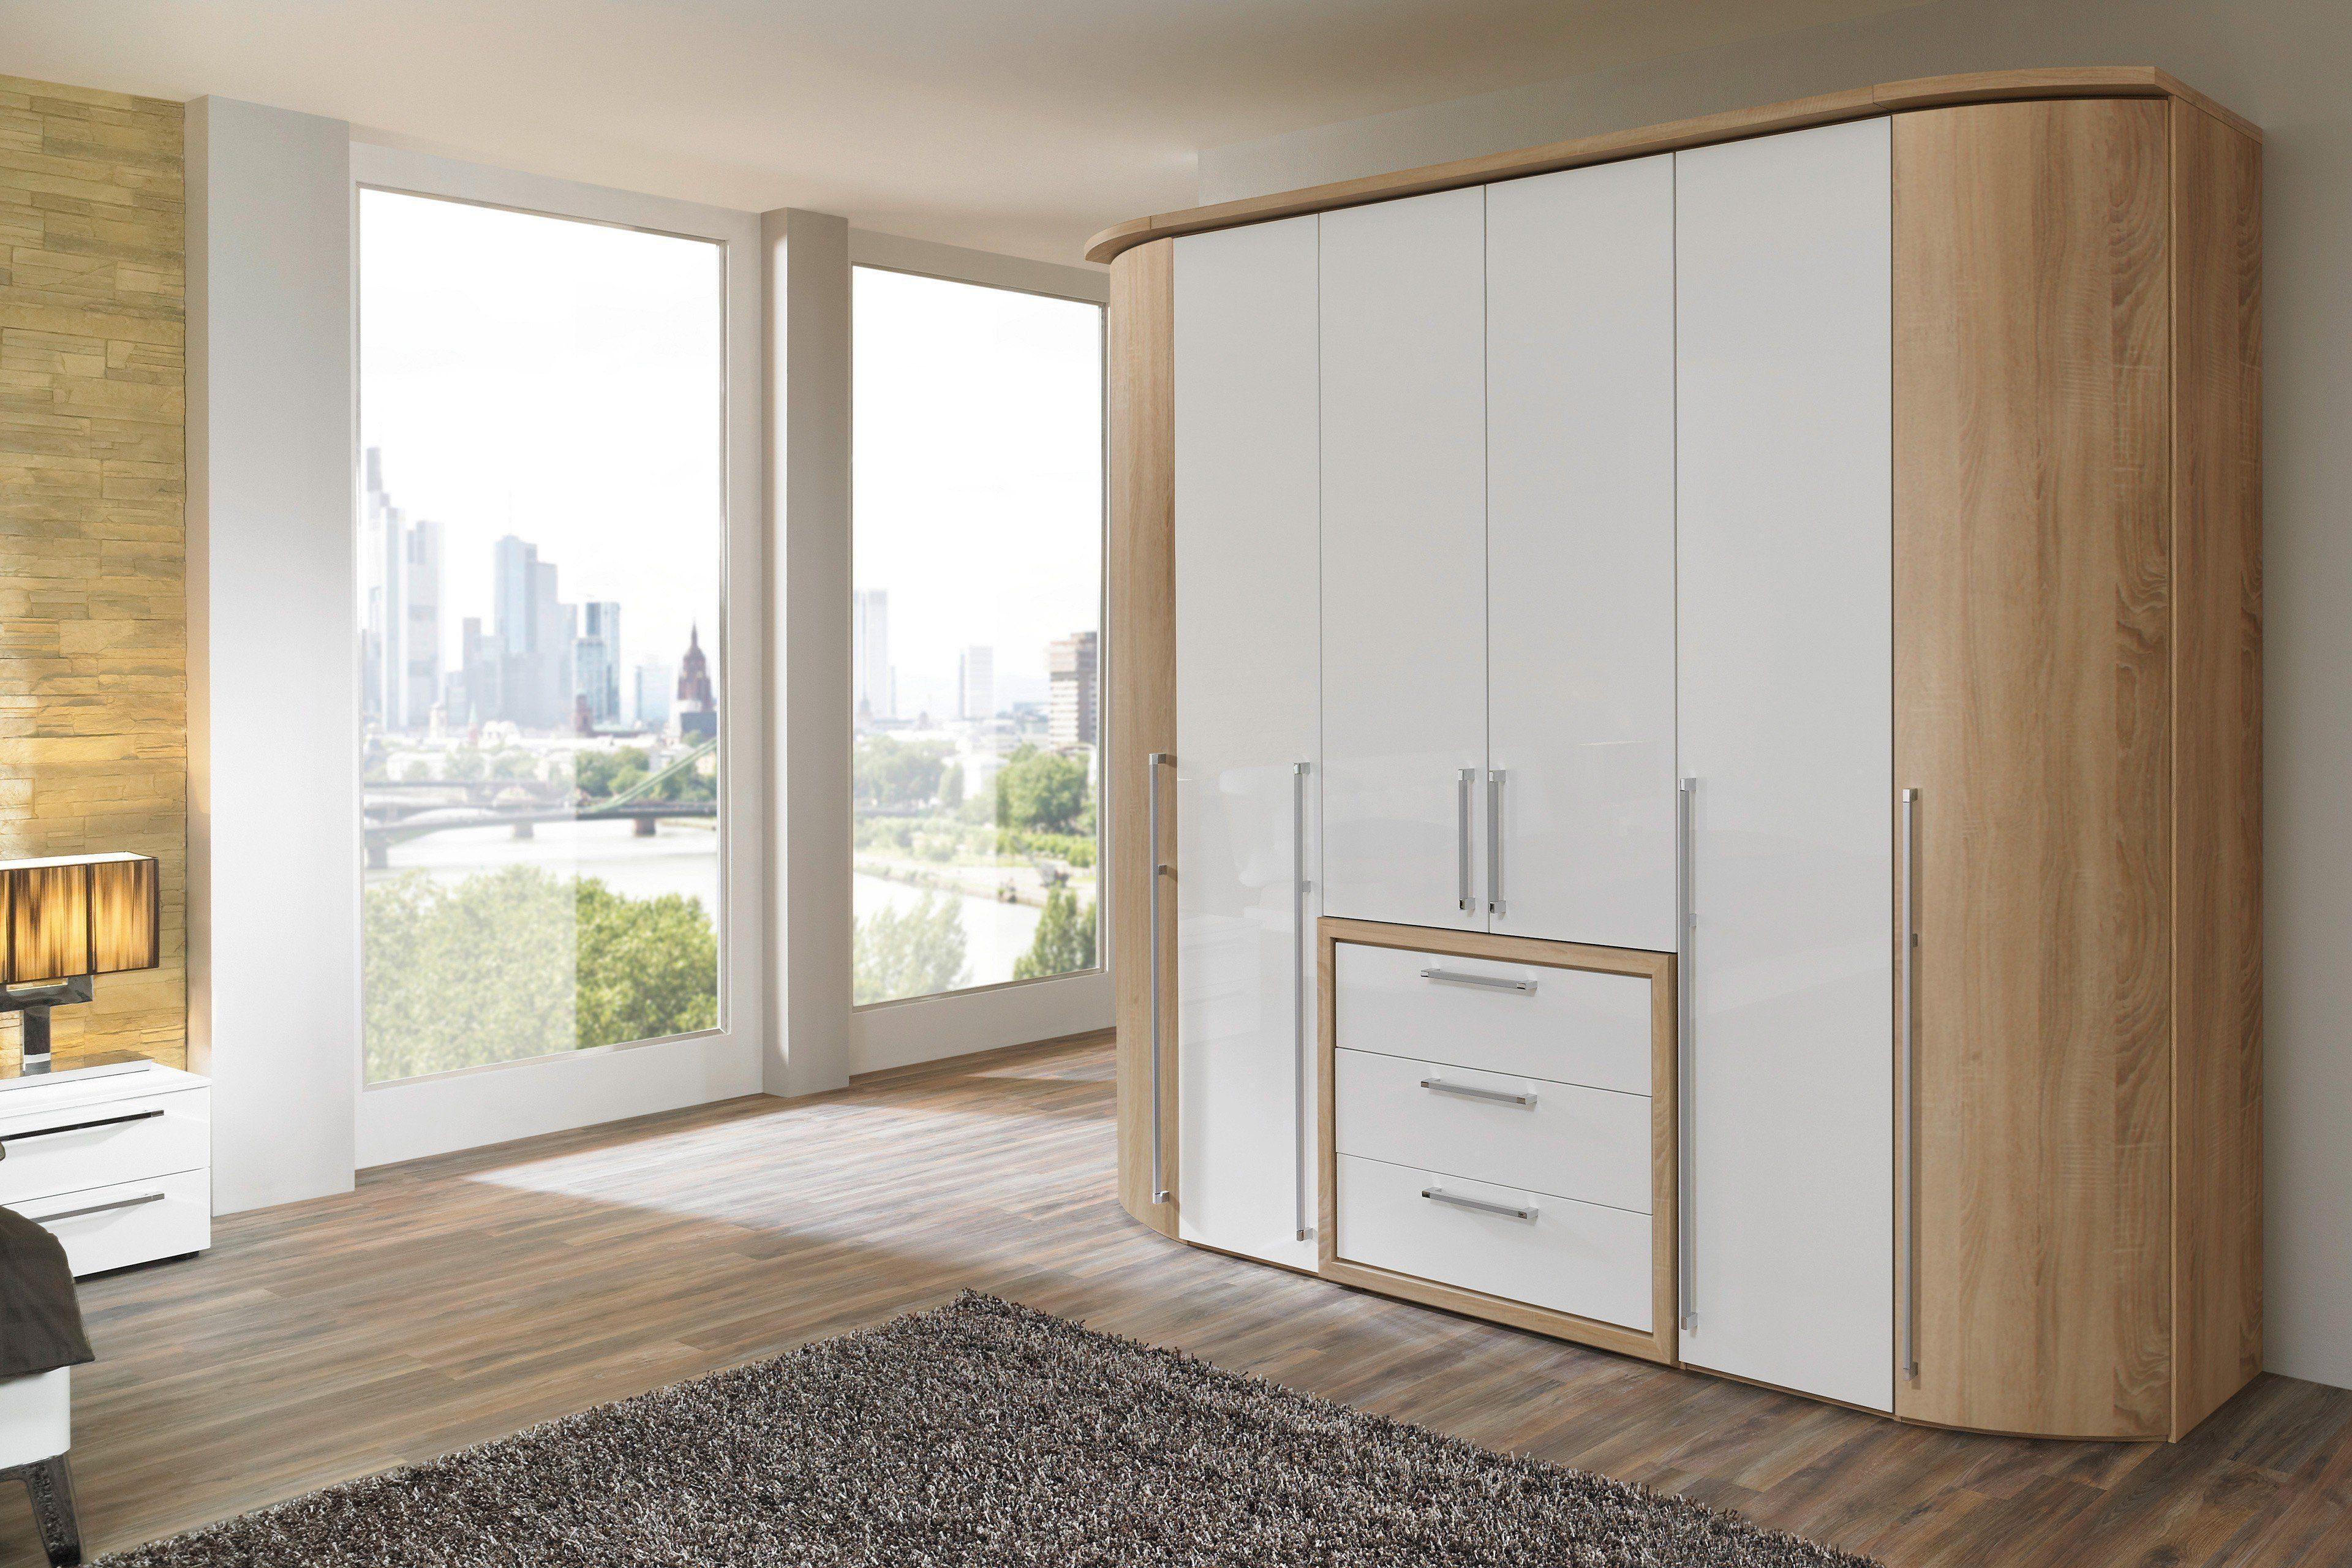 16 Sonoma Eiche Schrank Designs 11 In 2020 Rauch Schrank Schlafzimmer Schrank Schrank